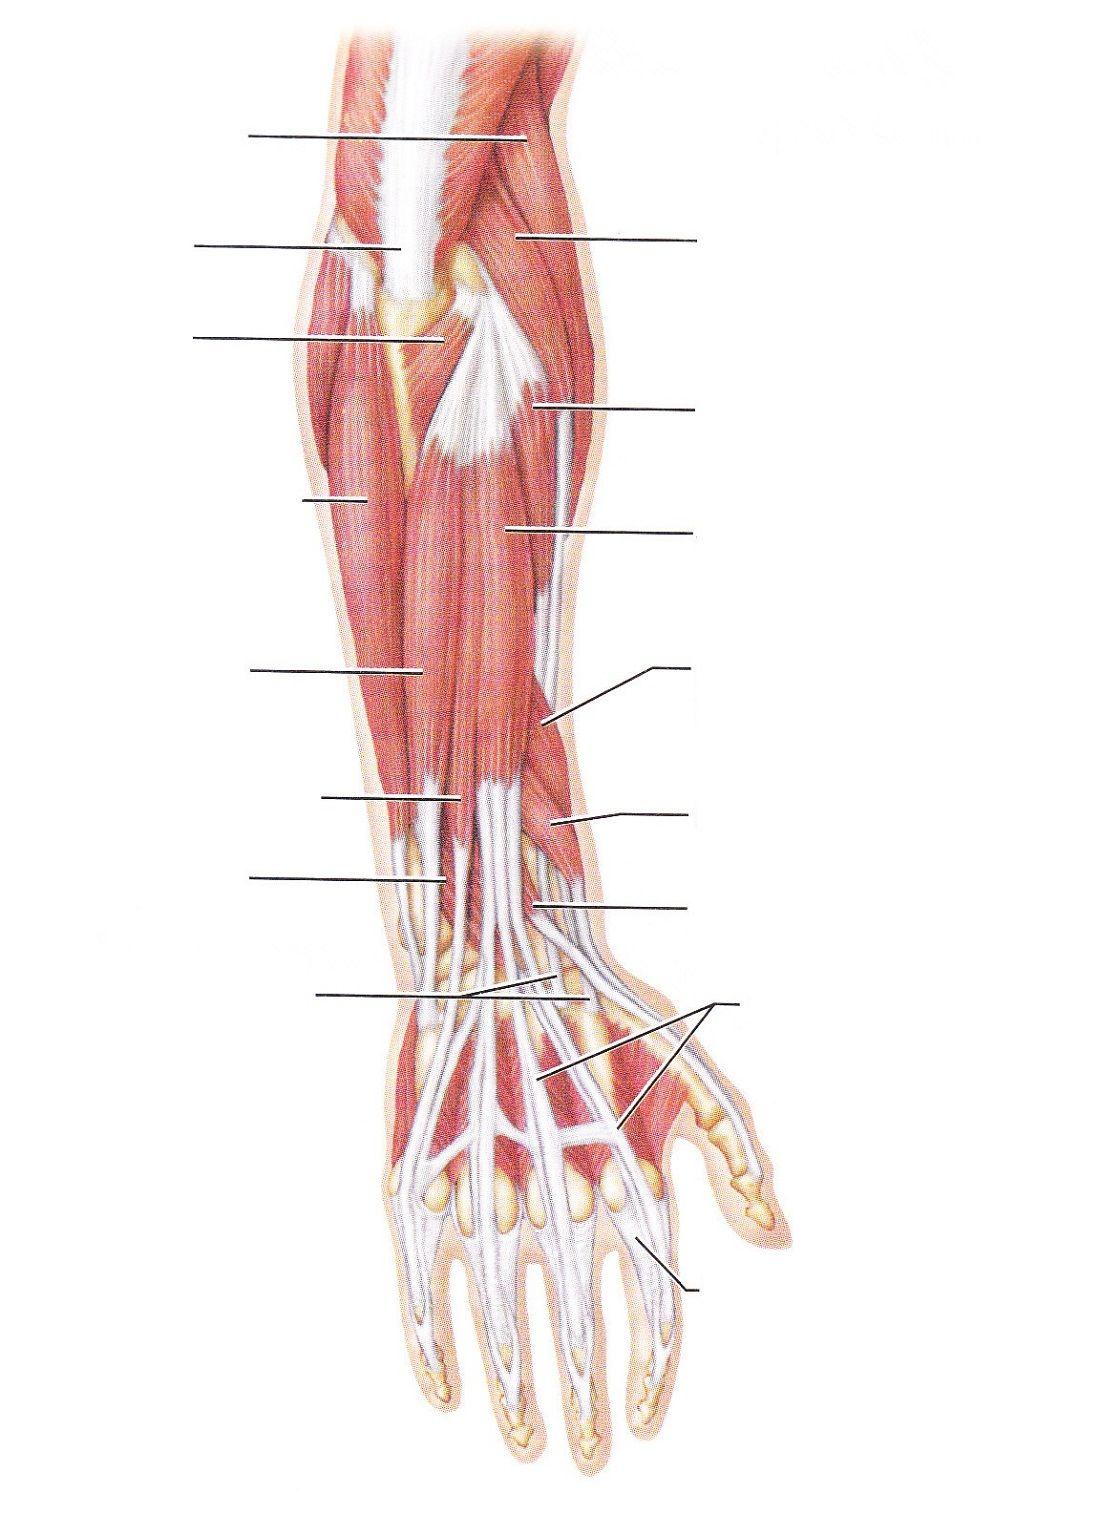 Blank Arm Diagram Worksheets